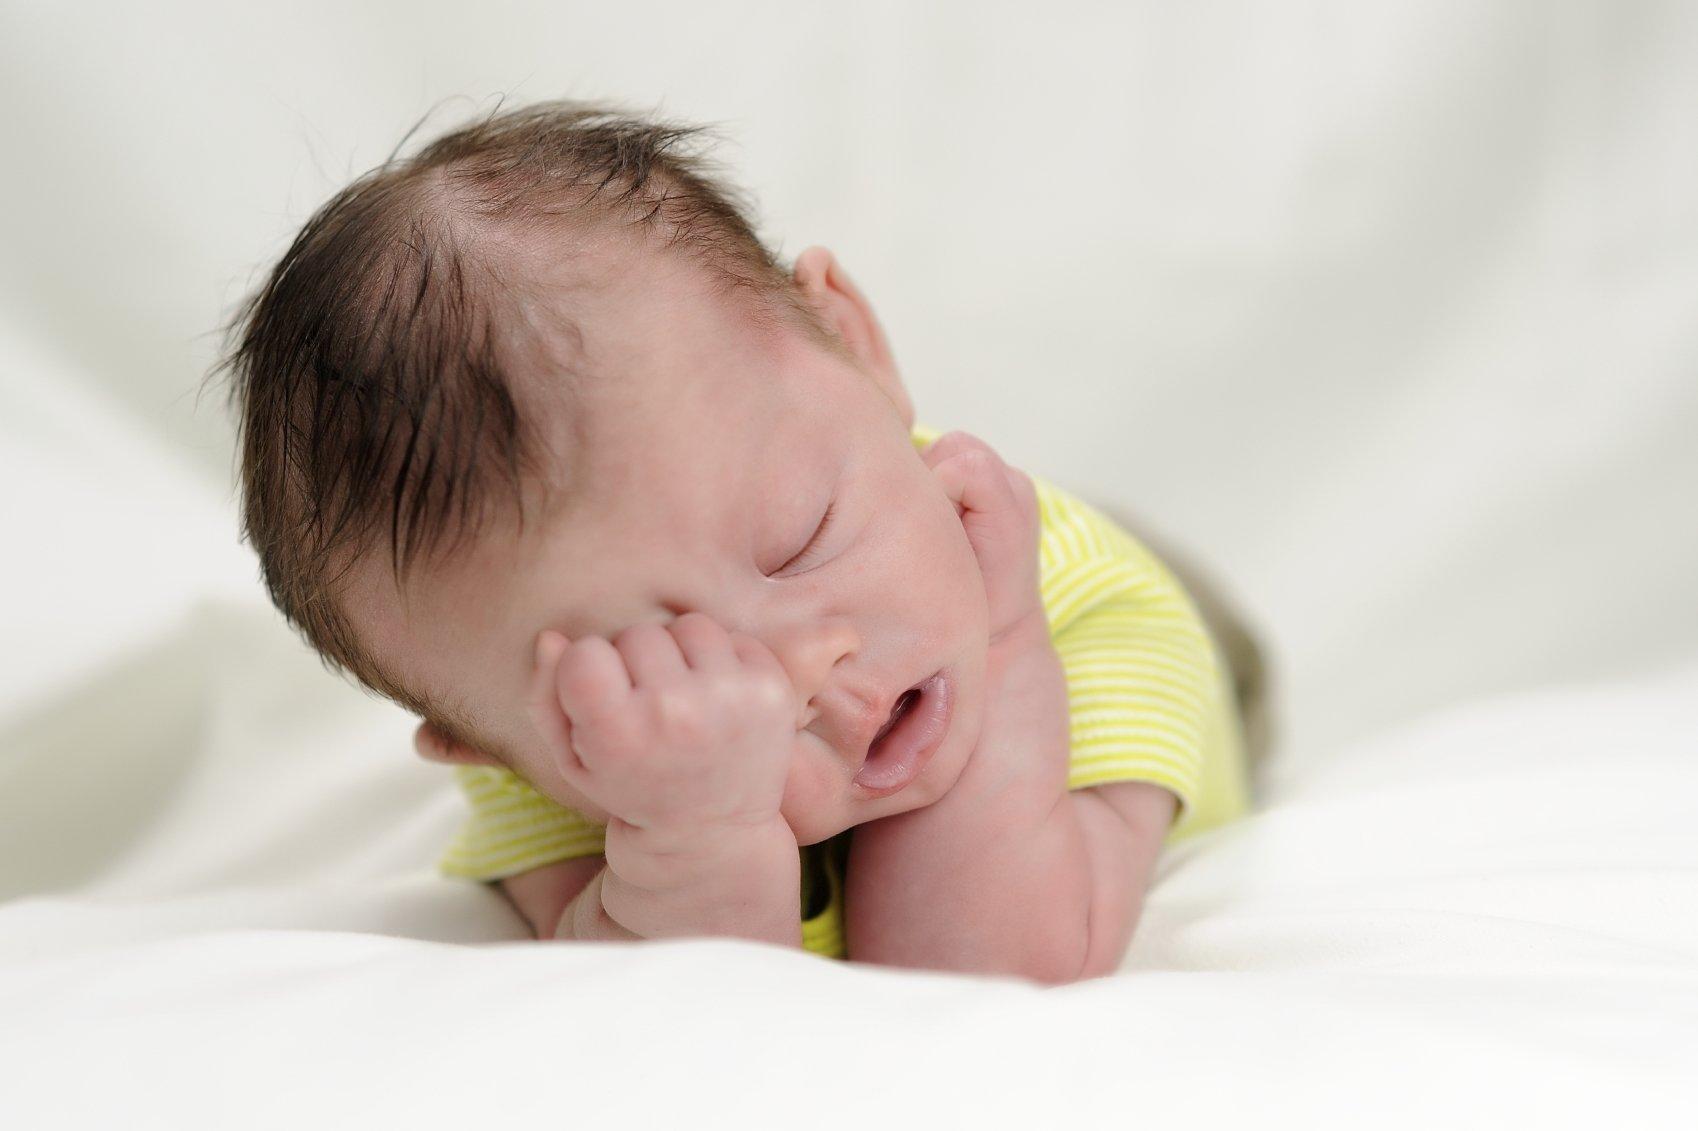 Младенец вялый и сонливый